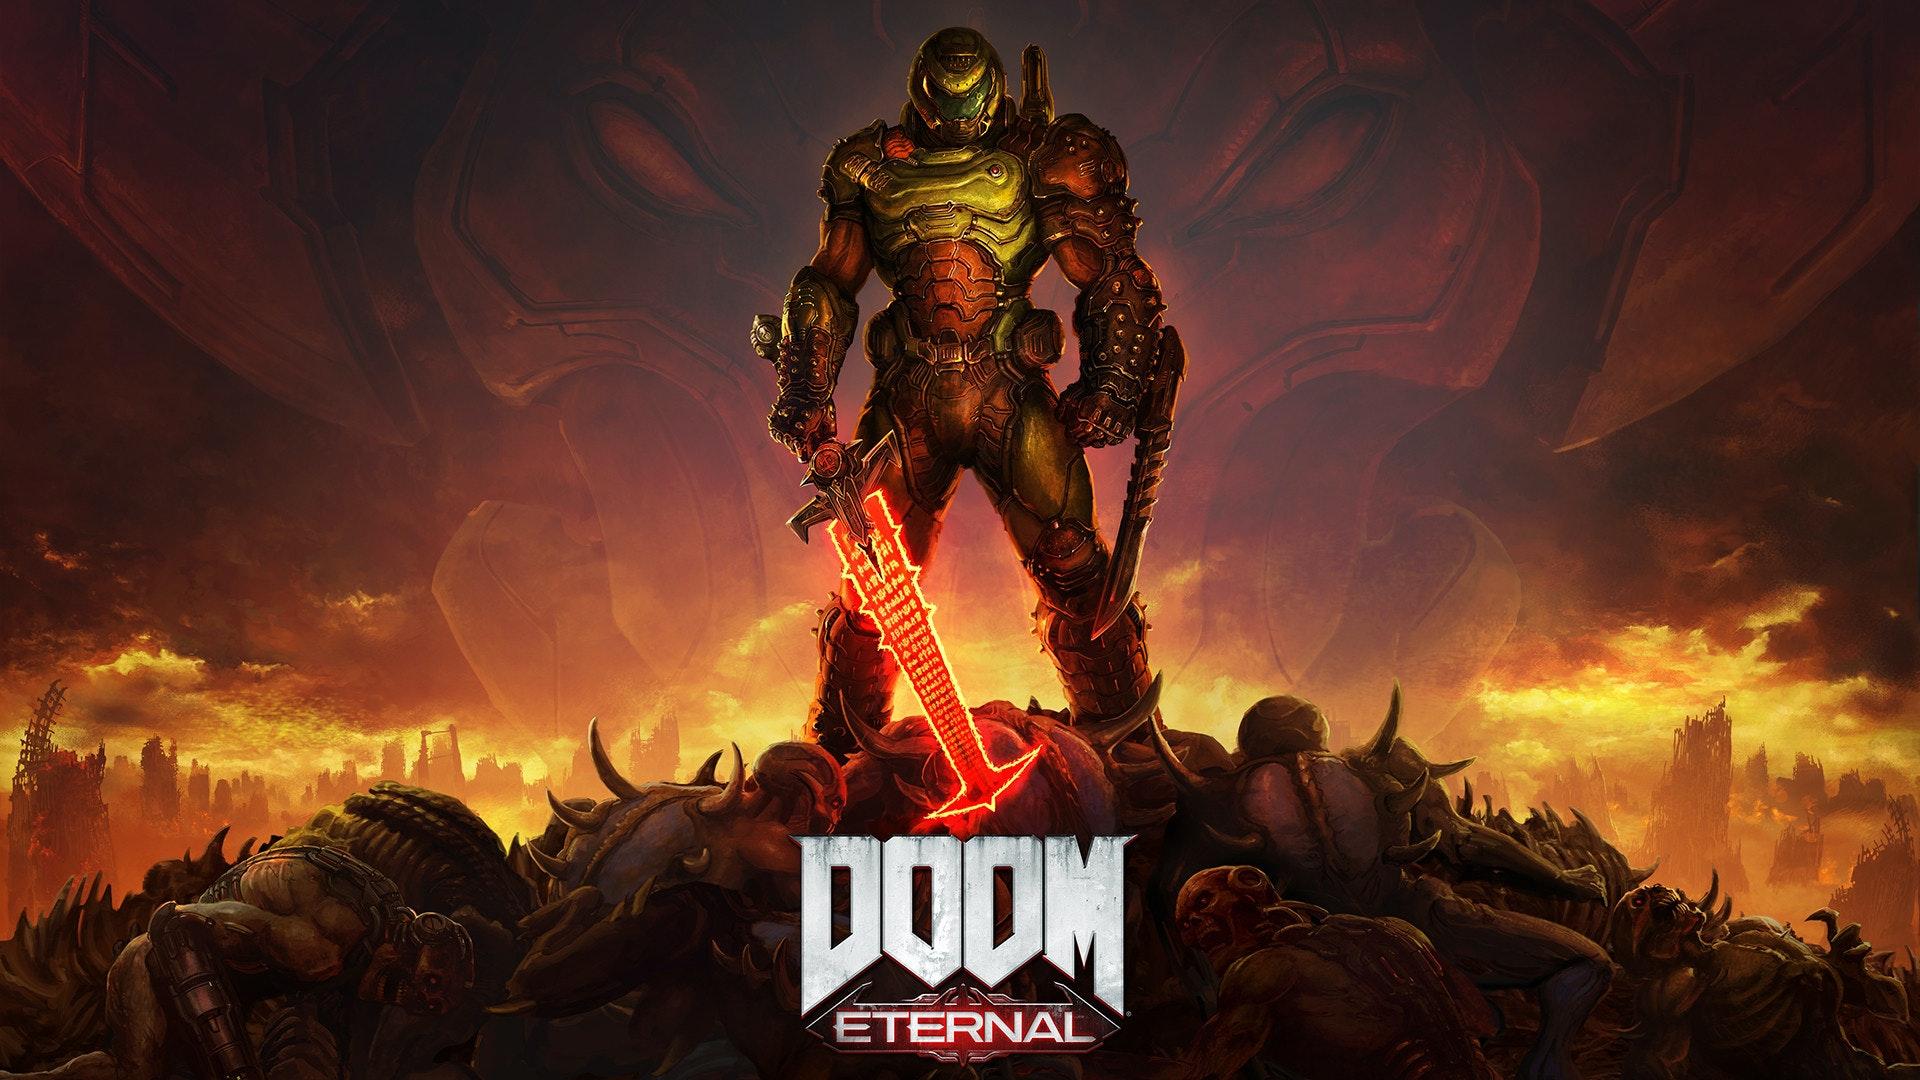 照片中提到了DODM、ETERNAL,跟貝塞斯達軟件有關,包含了永恆的毀滅戰士、永恆的毀滅戰士、毀滅戰士64、毀滅戰士